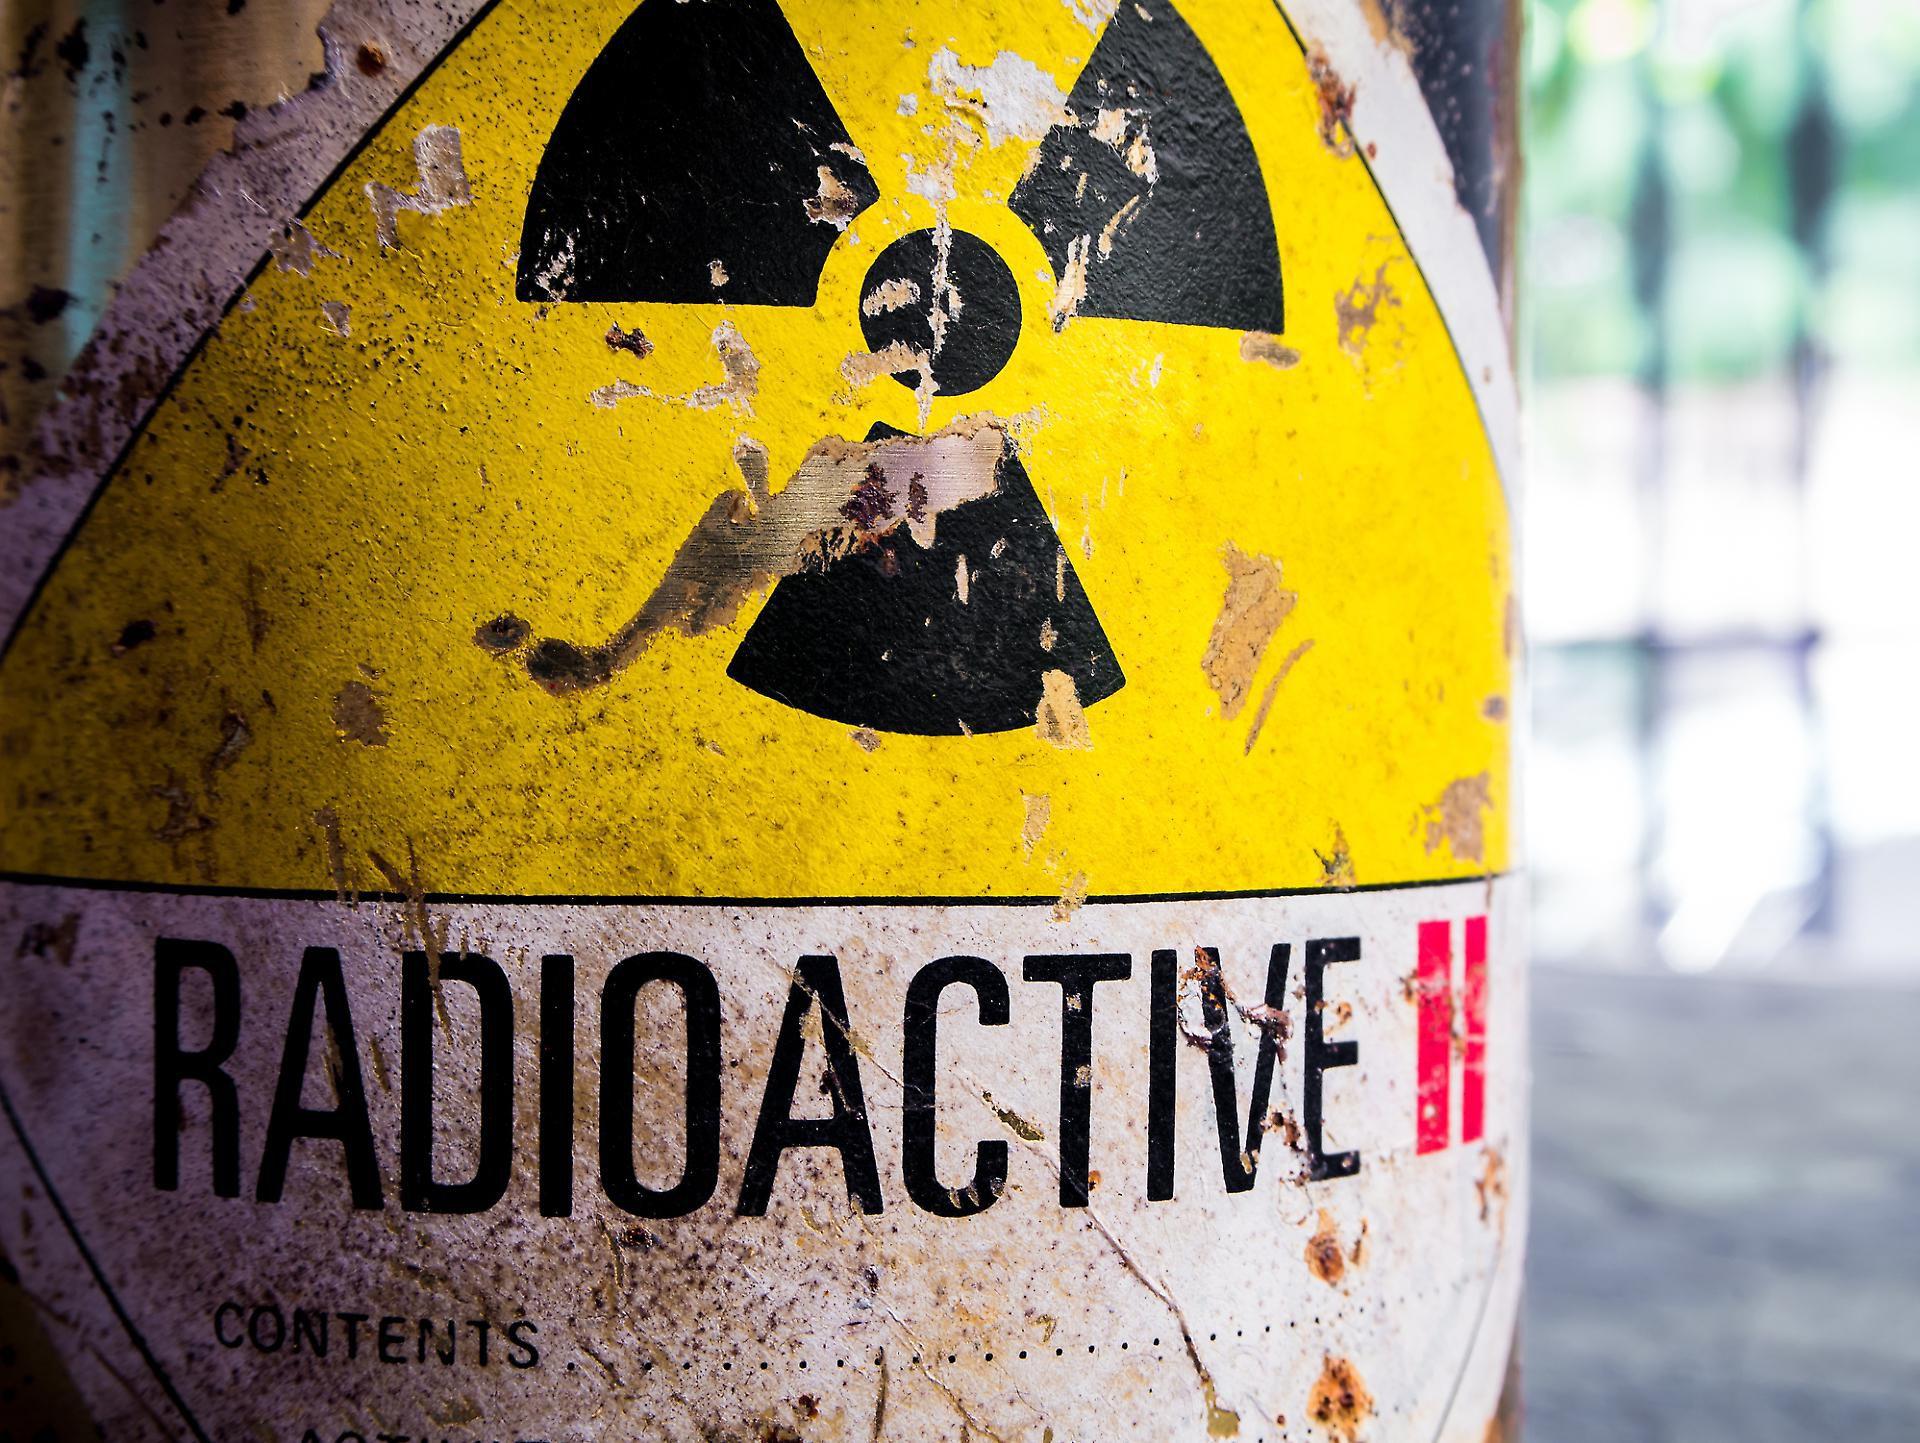 Smaltimento Rifiuti Sessa Aurunca scorie nucleari: a che punto è lo smaltimento in italia?